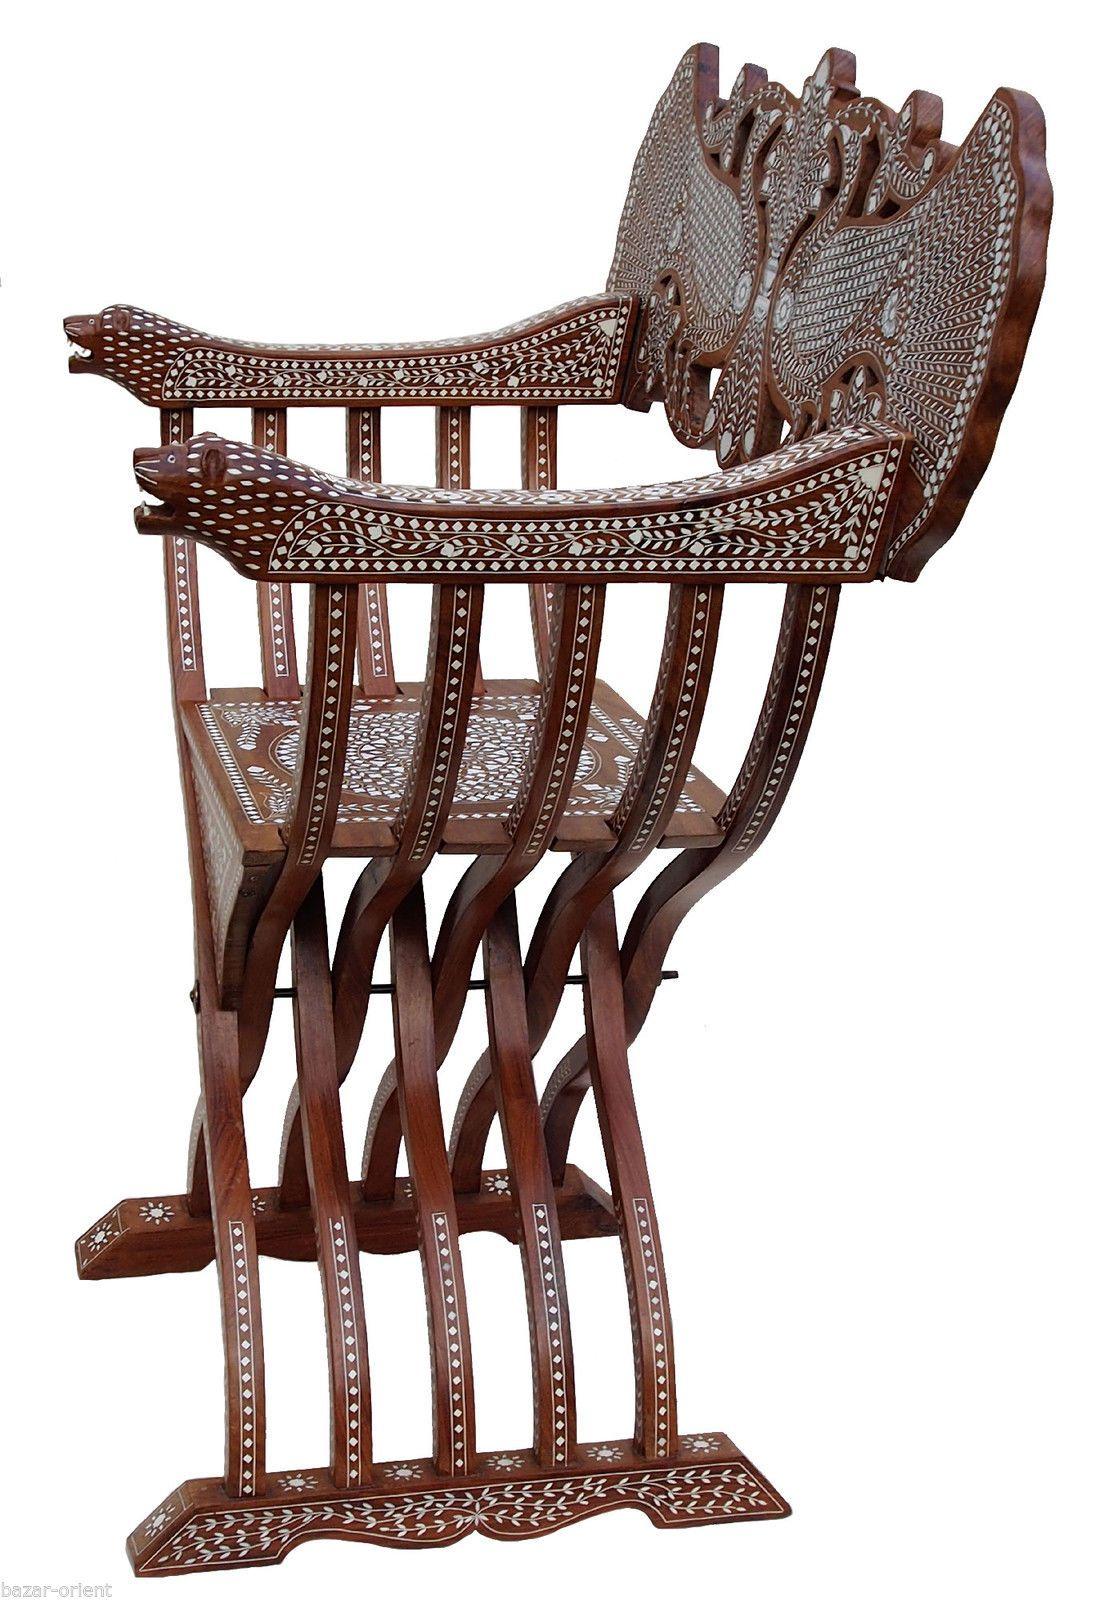 Modern savonarola chair - Antik Luxuri Se Orient Stuhl Intarsien Antique India Anglo Savonarola Chair Ebay